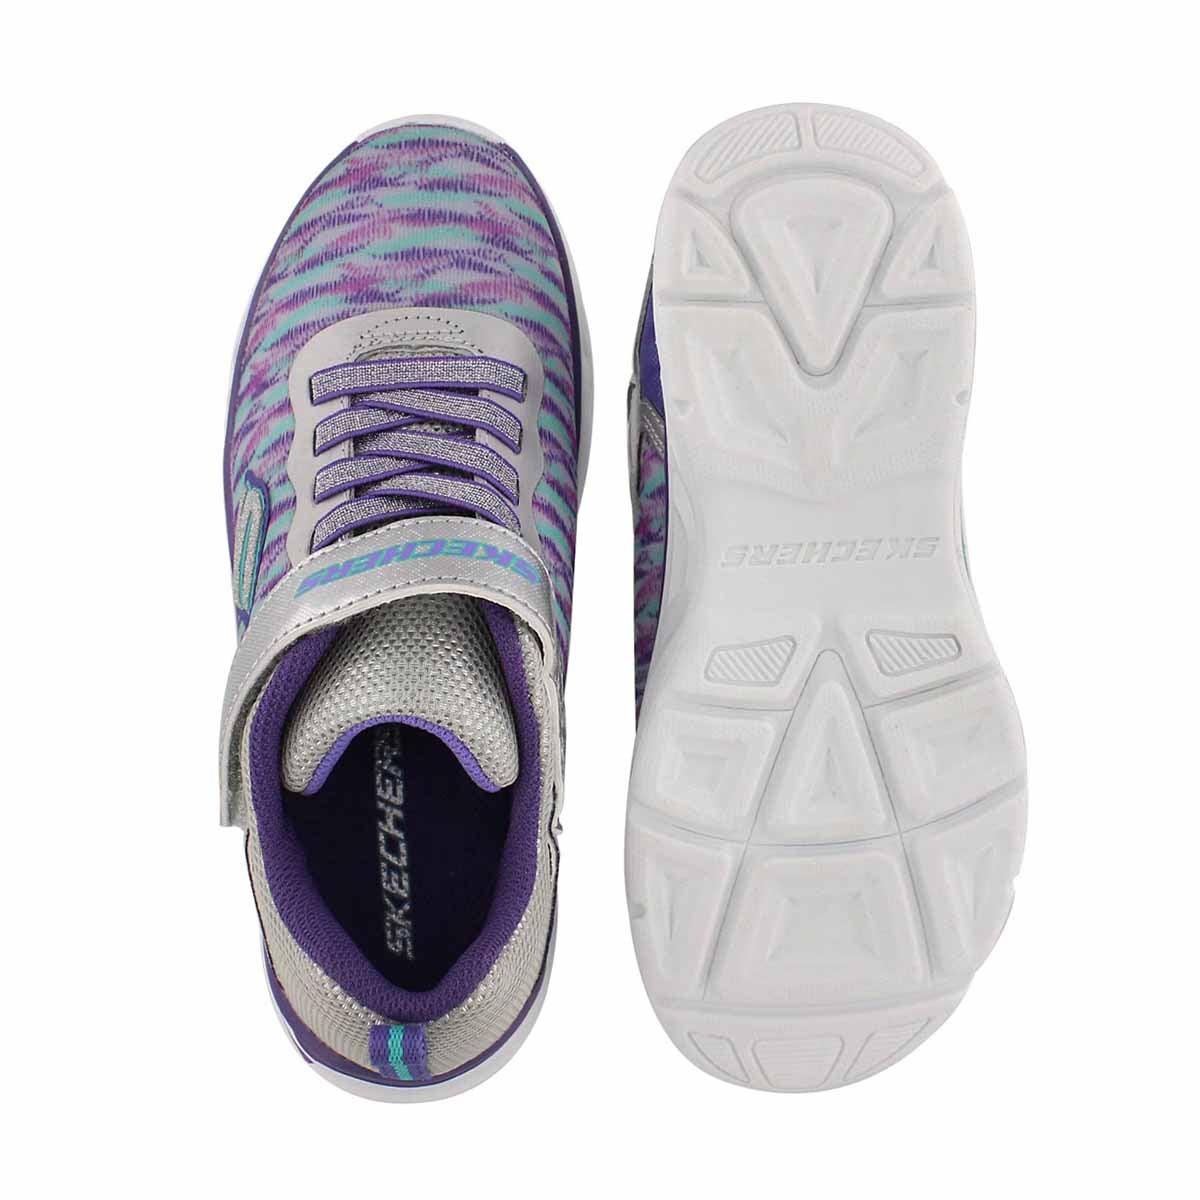 Grls Litebeams slv/ppl lightup sneaker